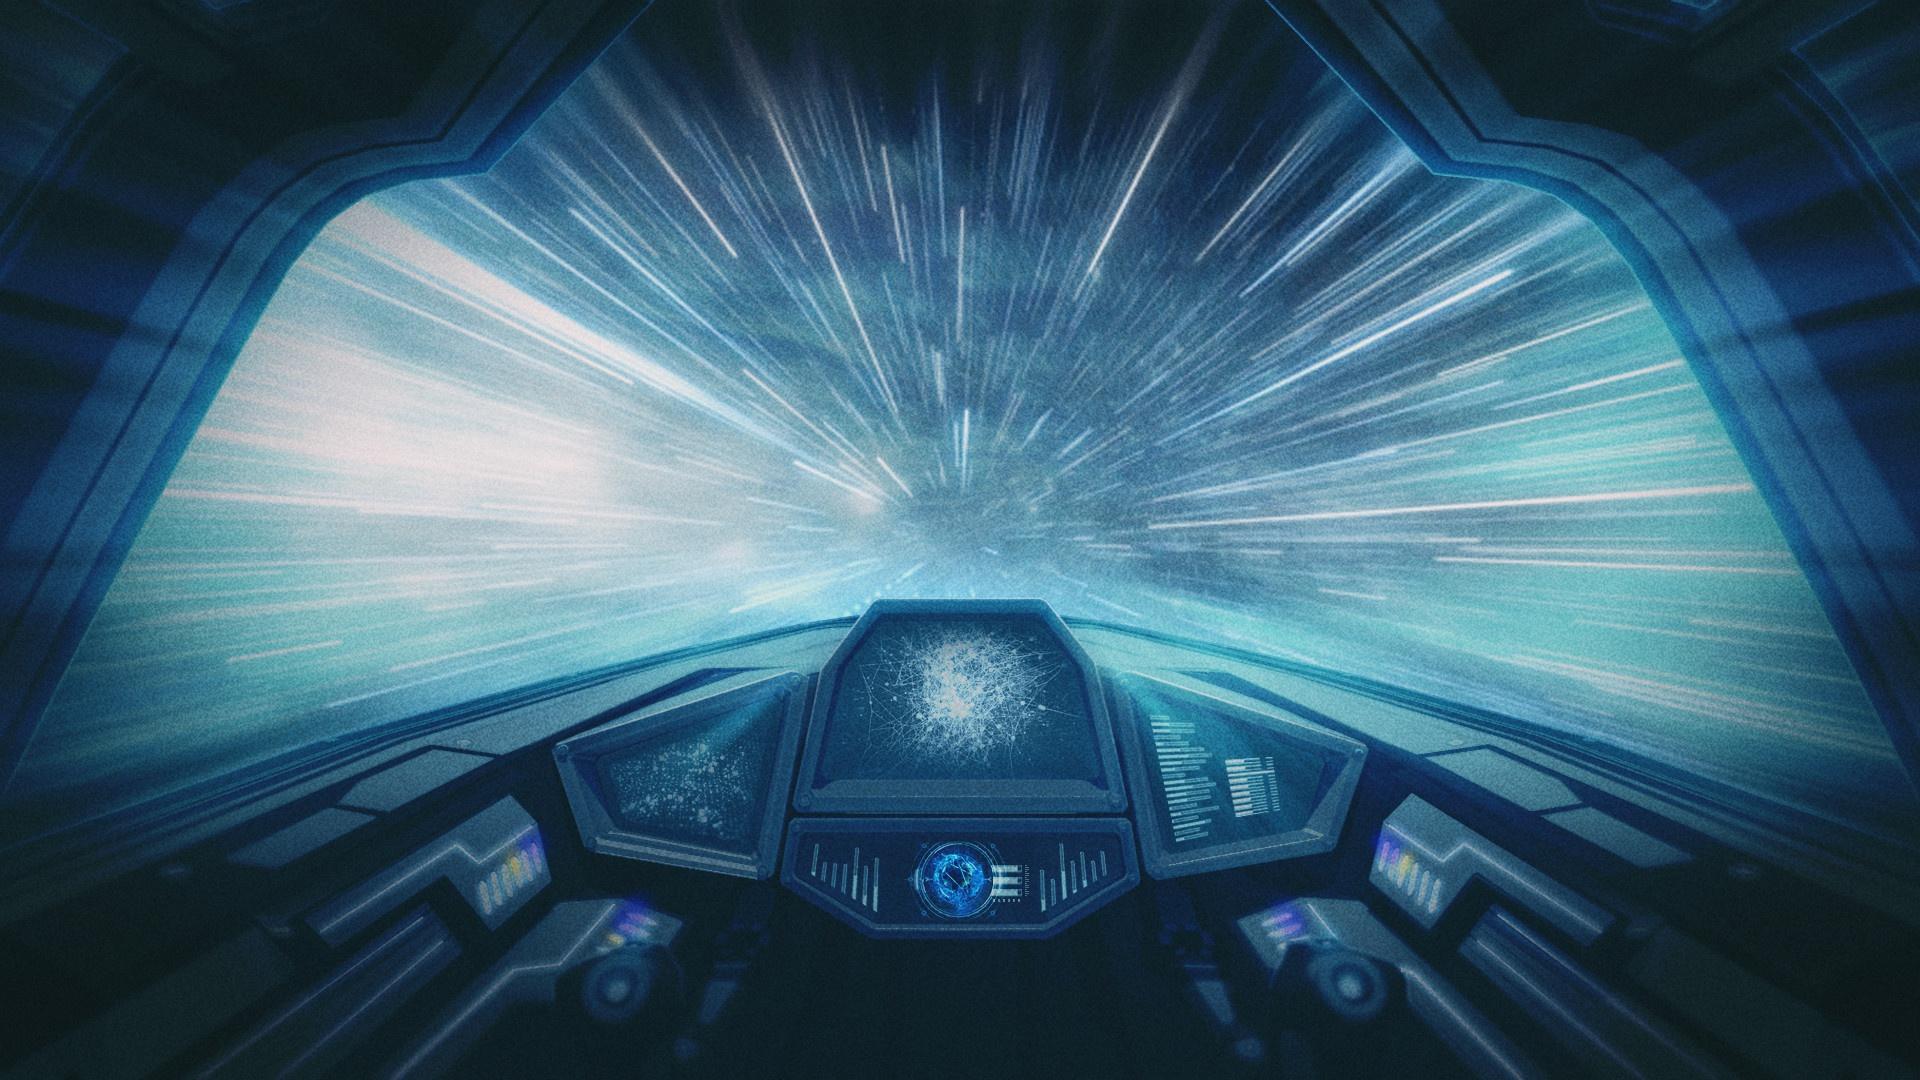 General 1920x1080 science fiction digital art space spaceship cyan